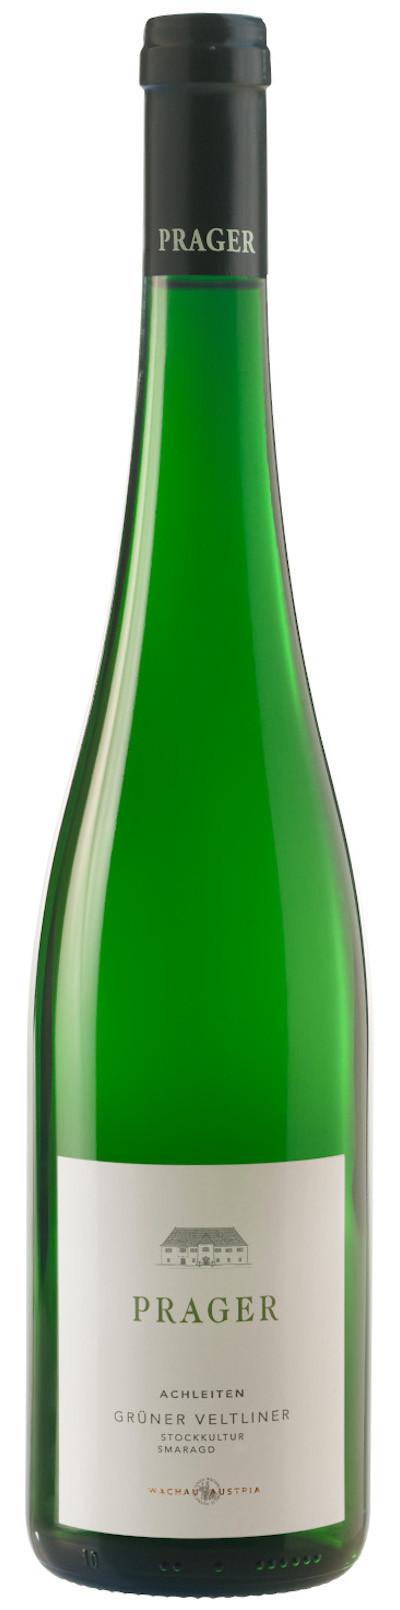 Prager - Grüner Veltliner Smaragd Achleiten Stockkultur